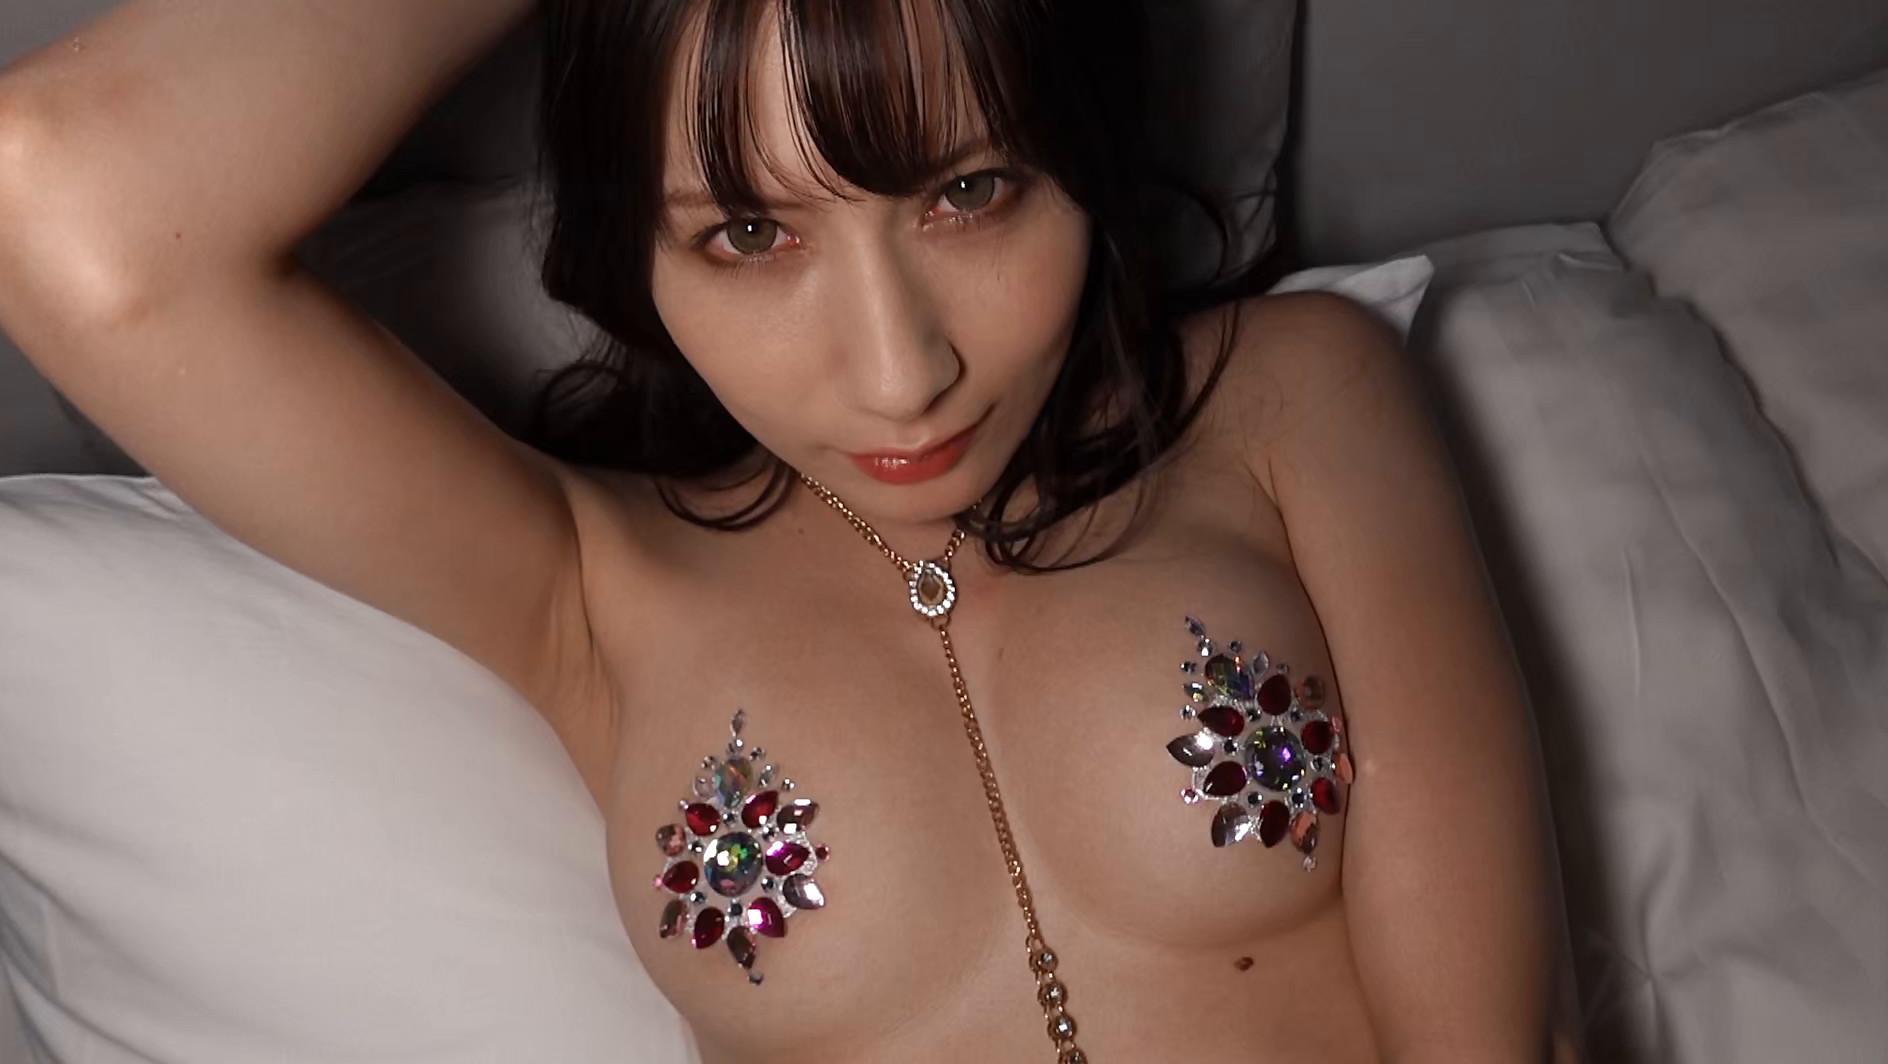 魅惑のサーシャ サーシャ菜美16